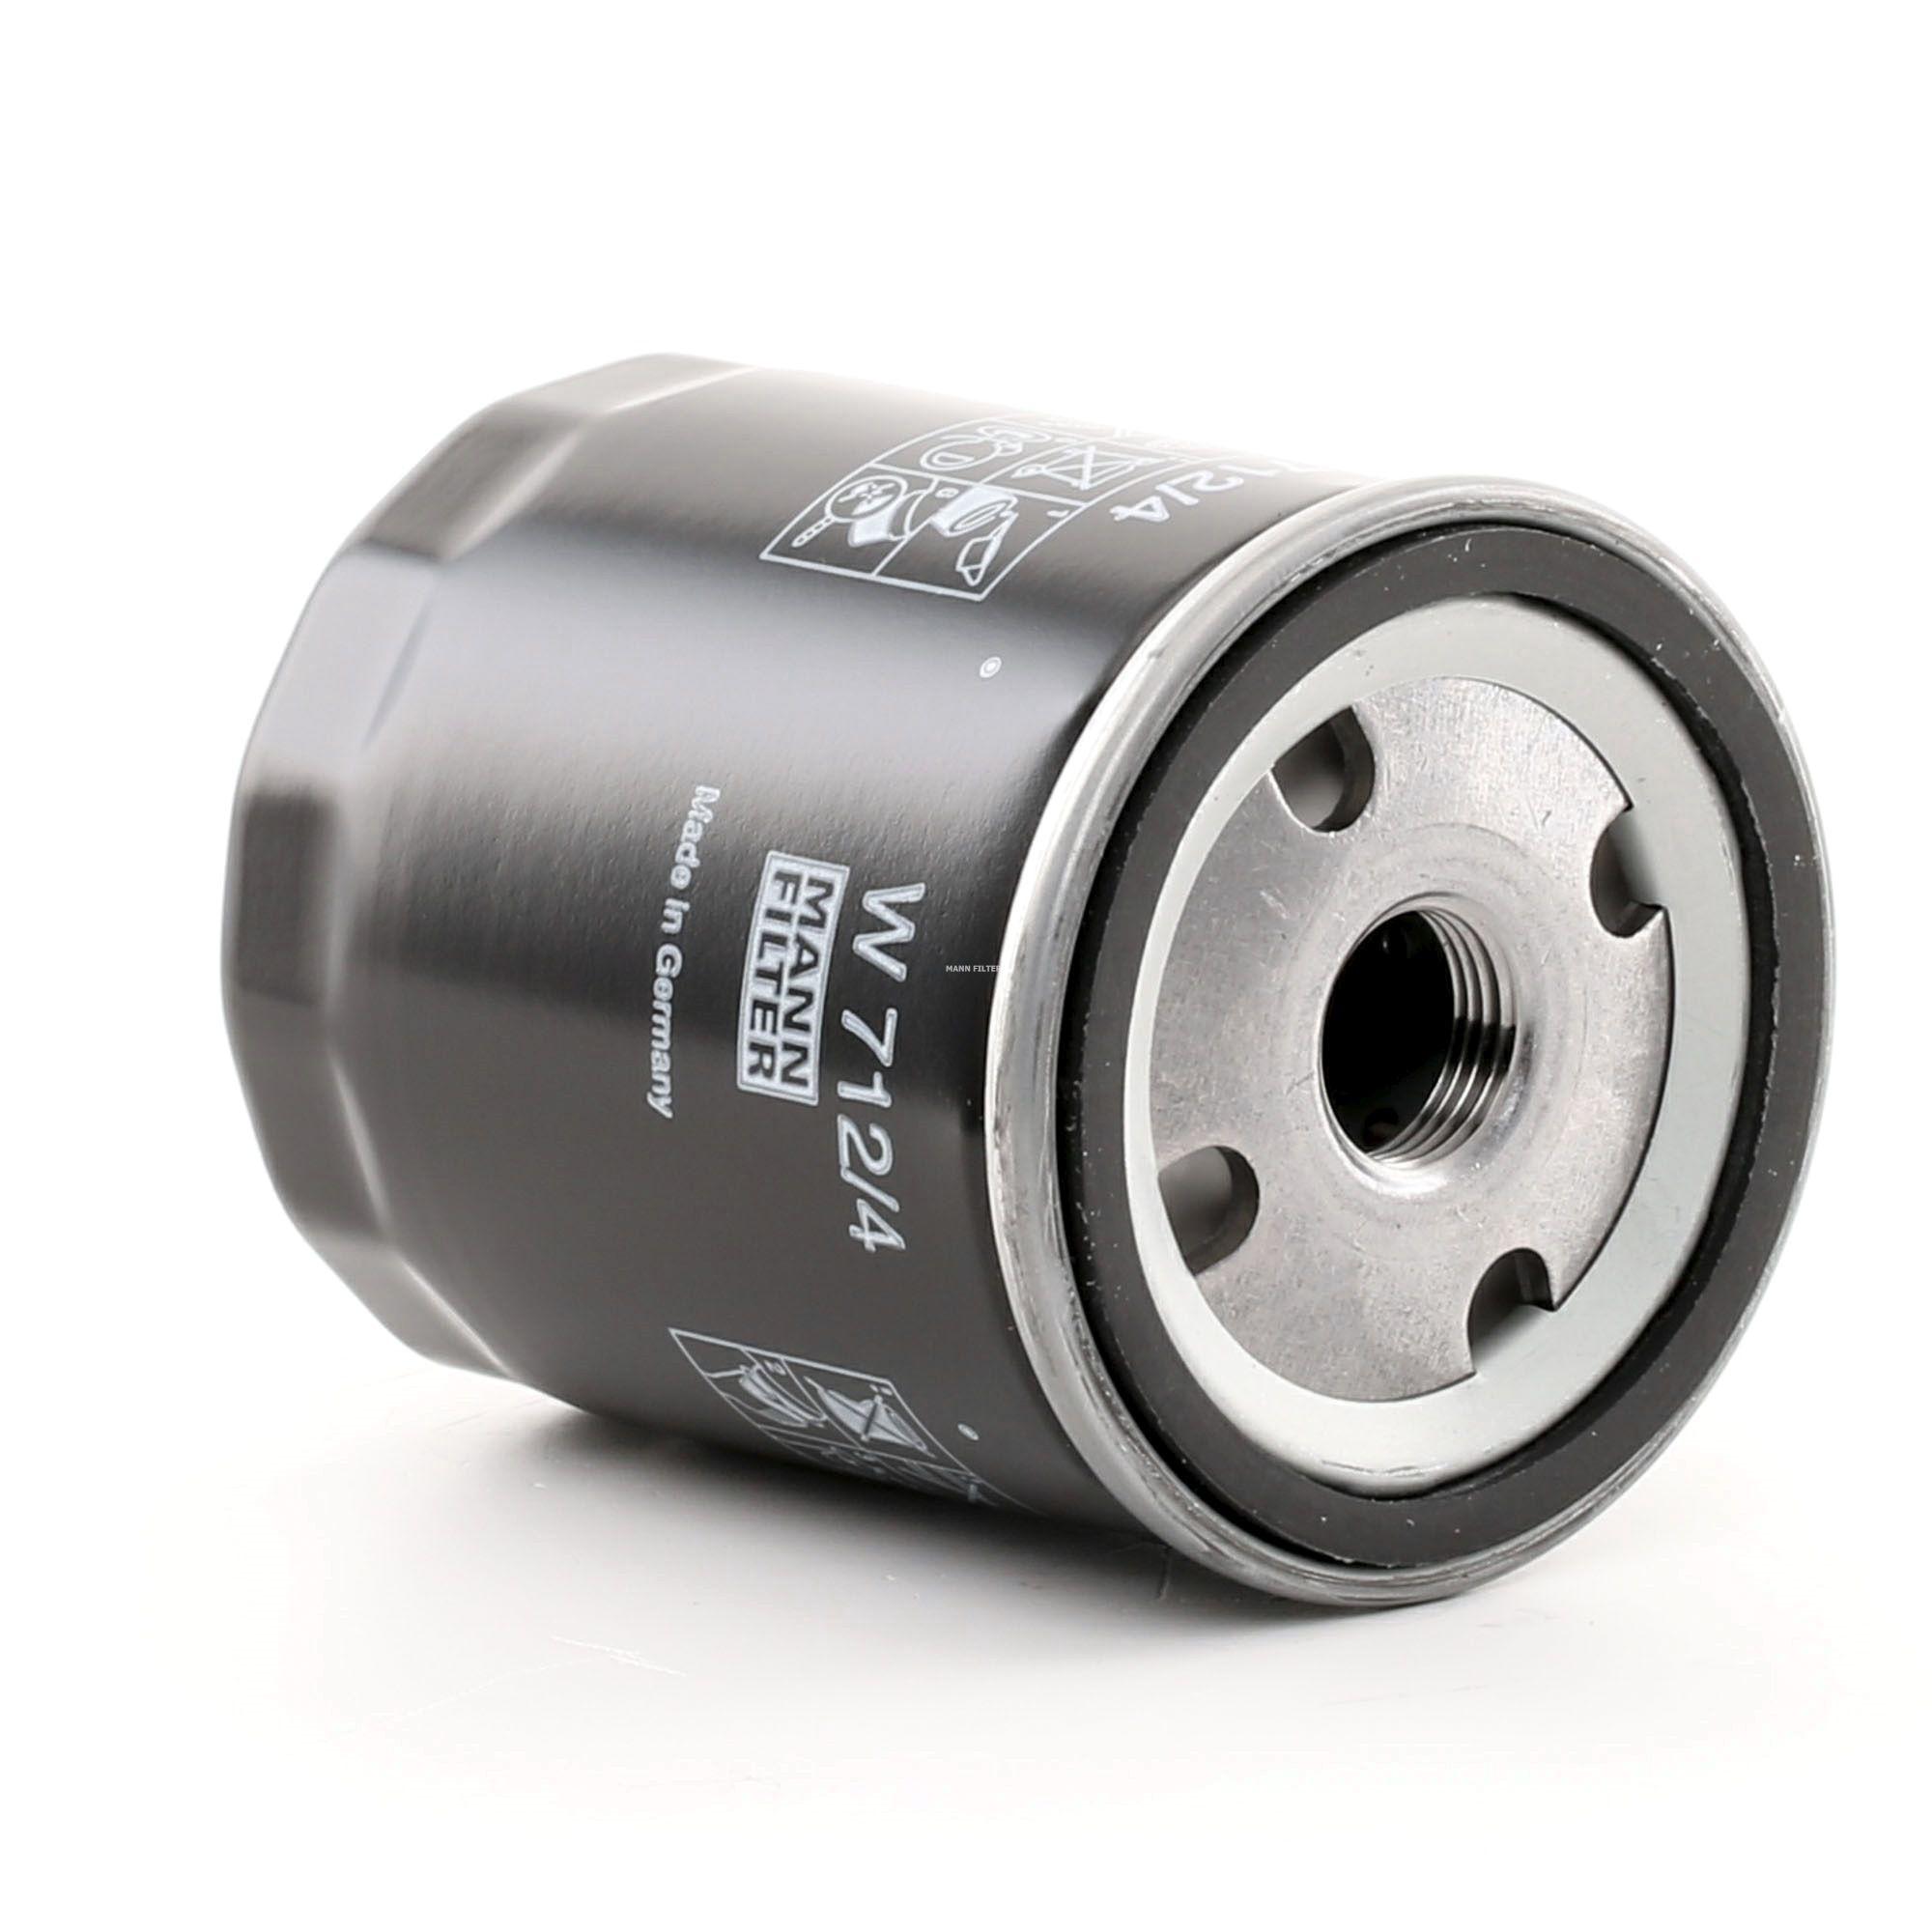 RENAULT LAGUNA Ersatzteile: Ölfilter W 712/4 > Niedrige Preise - Jetzt kaufen!